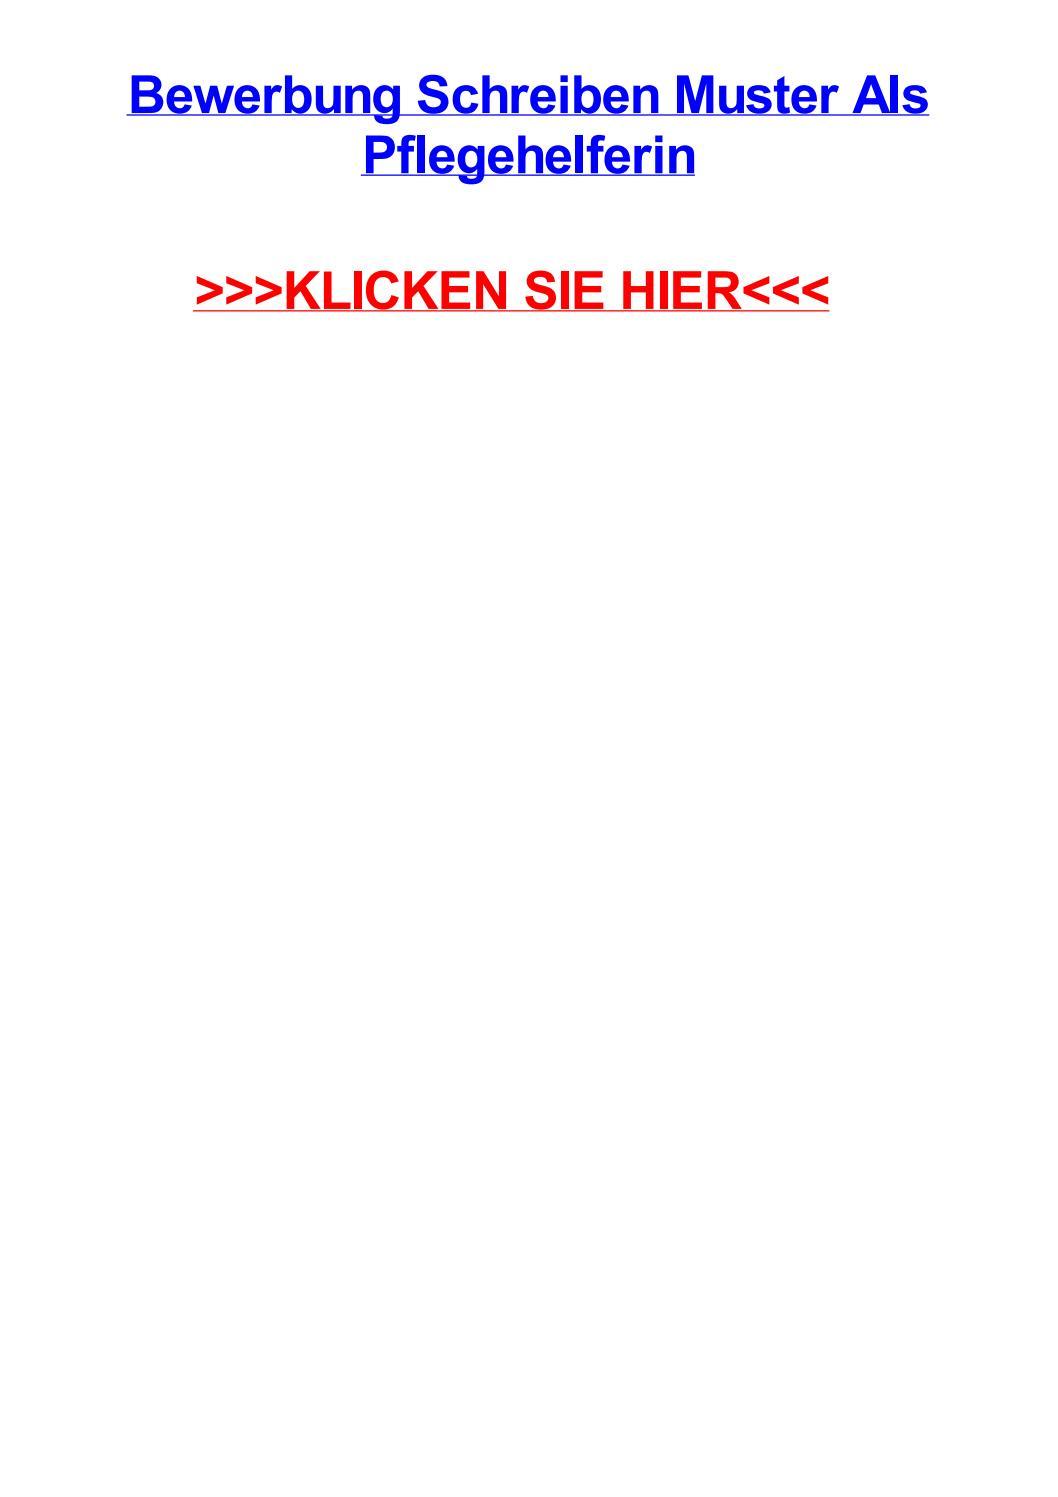 Bewerbung schreiben muster als pflegehelferin by jasonorcn - issuu